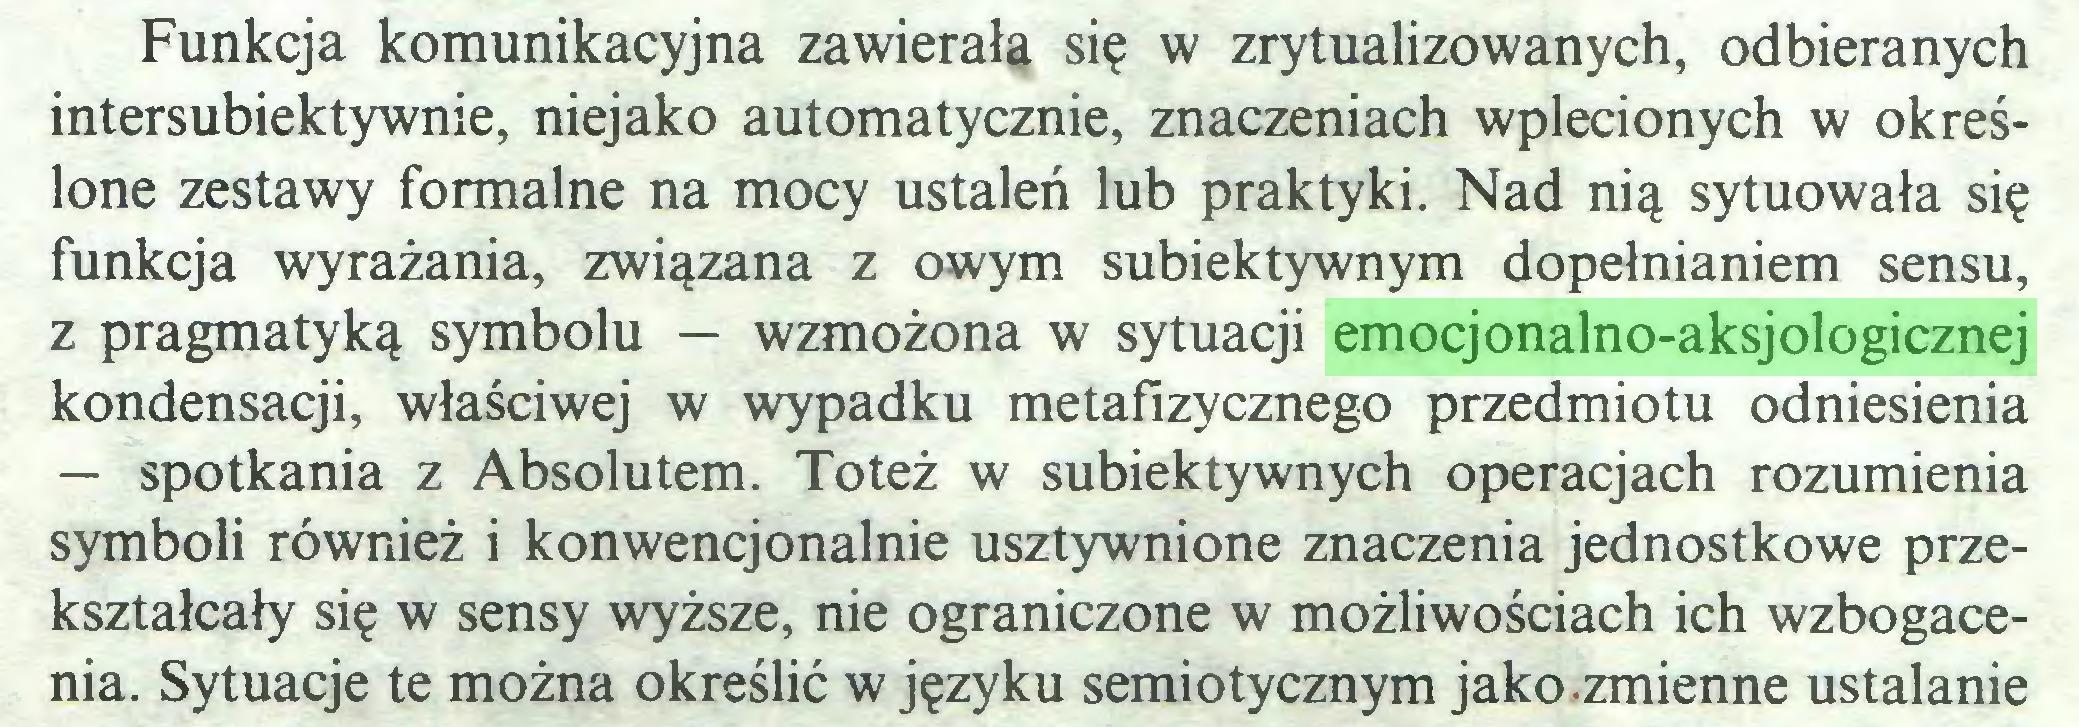 (...) Funkcja komunikacyjna zawierała się w zrytualizowanych, odbieranych intersubiektywnie, niejako automatycznie, znaczeniach wplecionych w określone zestawy formalne na mocy ustaleń lub praktyki. Nad nią sytuowała się funkcja wyrażania, związana z owym subiektywnym dopełnianiem sensu, z pragmatyką symbolu — wzmożona w sytuacji emocjonalno-aksjologicznej kondensacji, właściwej w wypadku metafizycznego przedmiotu odniesienia — spotkania z Absolutem. Toteż w subiektywnych operacjach rozumienia symboli również i konwencjonalnie usztywnione znaczenia jednostkowe przekształcały się w sensy wyższe, nie ograniczone w możliwościach ich wzbogacenia. Sytuacje te można określić w języku semiotycznym jako.zmienne ustalanie...